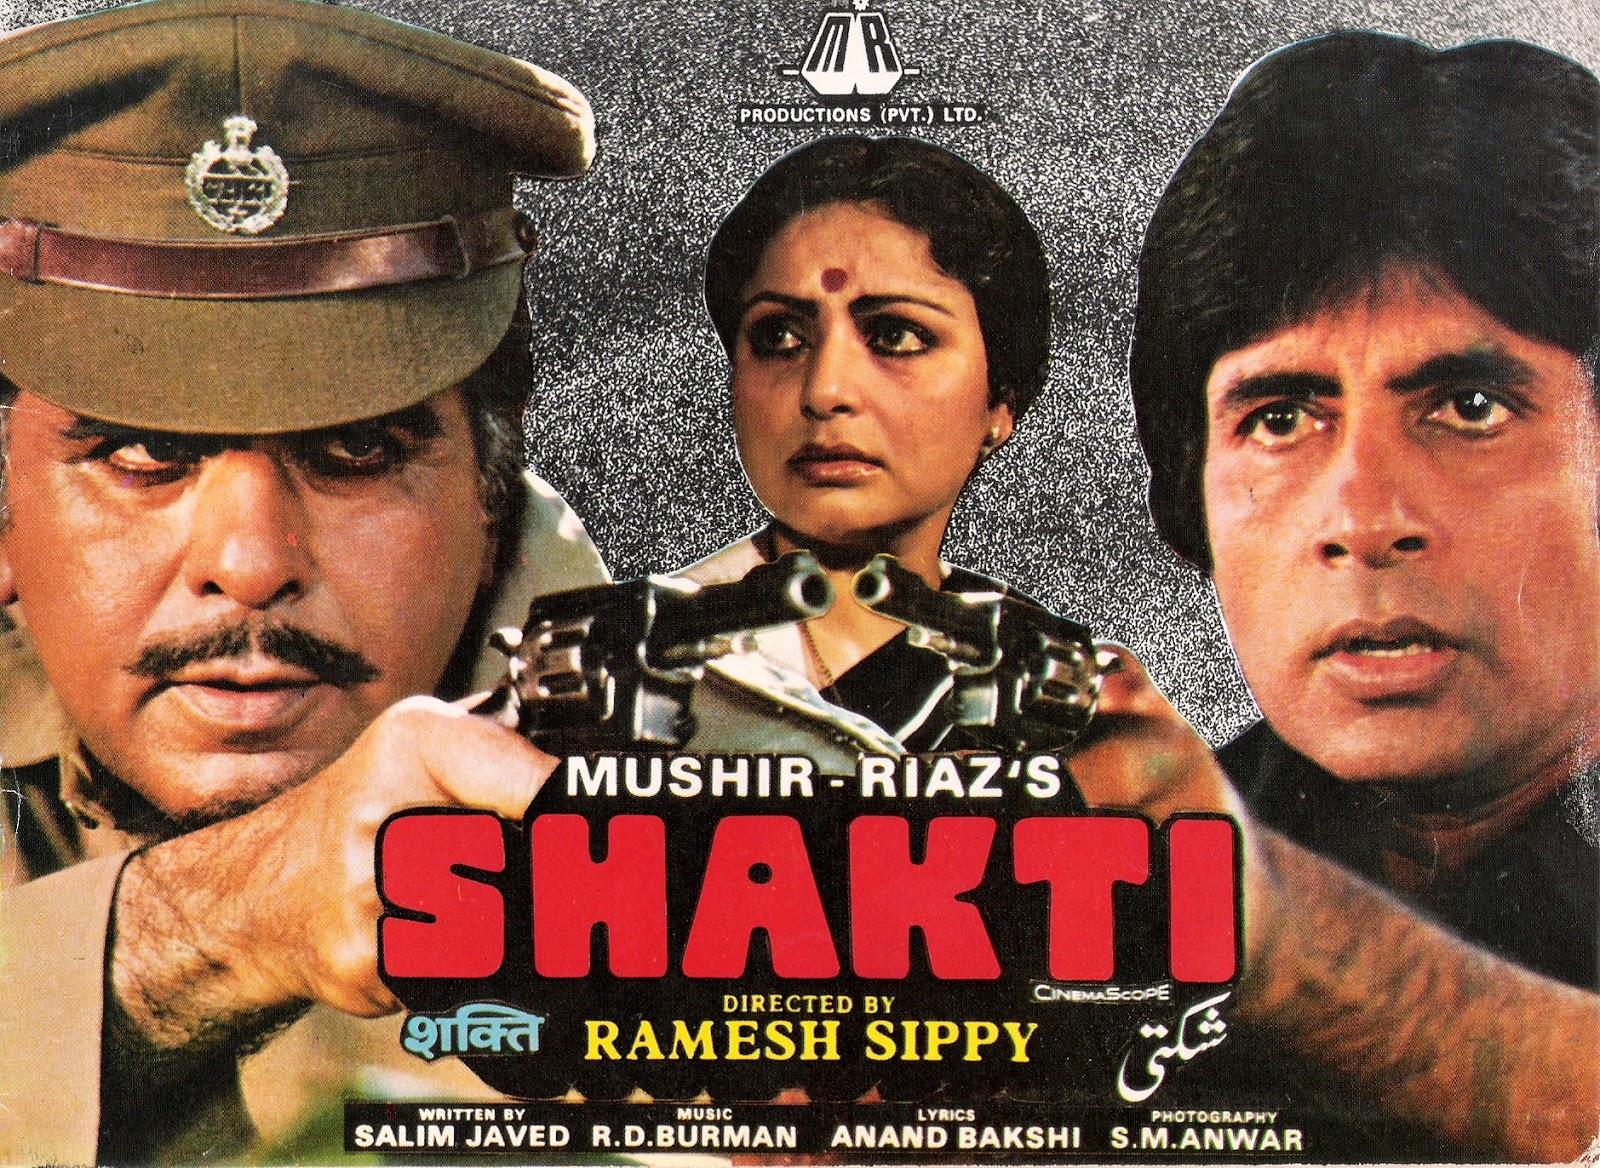 dernières chansons de films hindi 2012 Full HD téléchargement